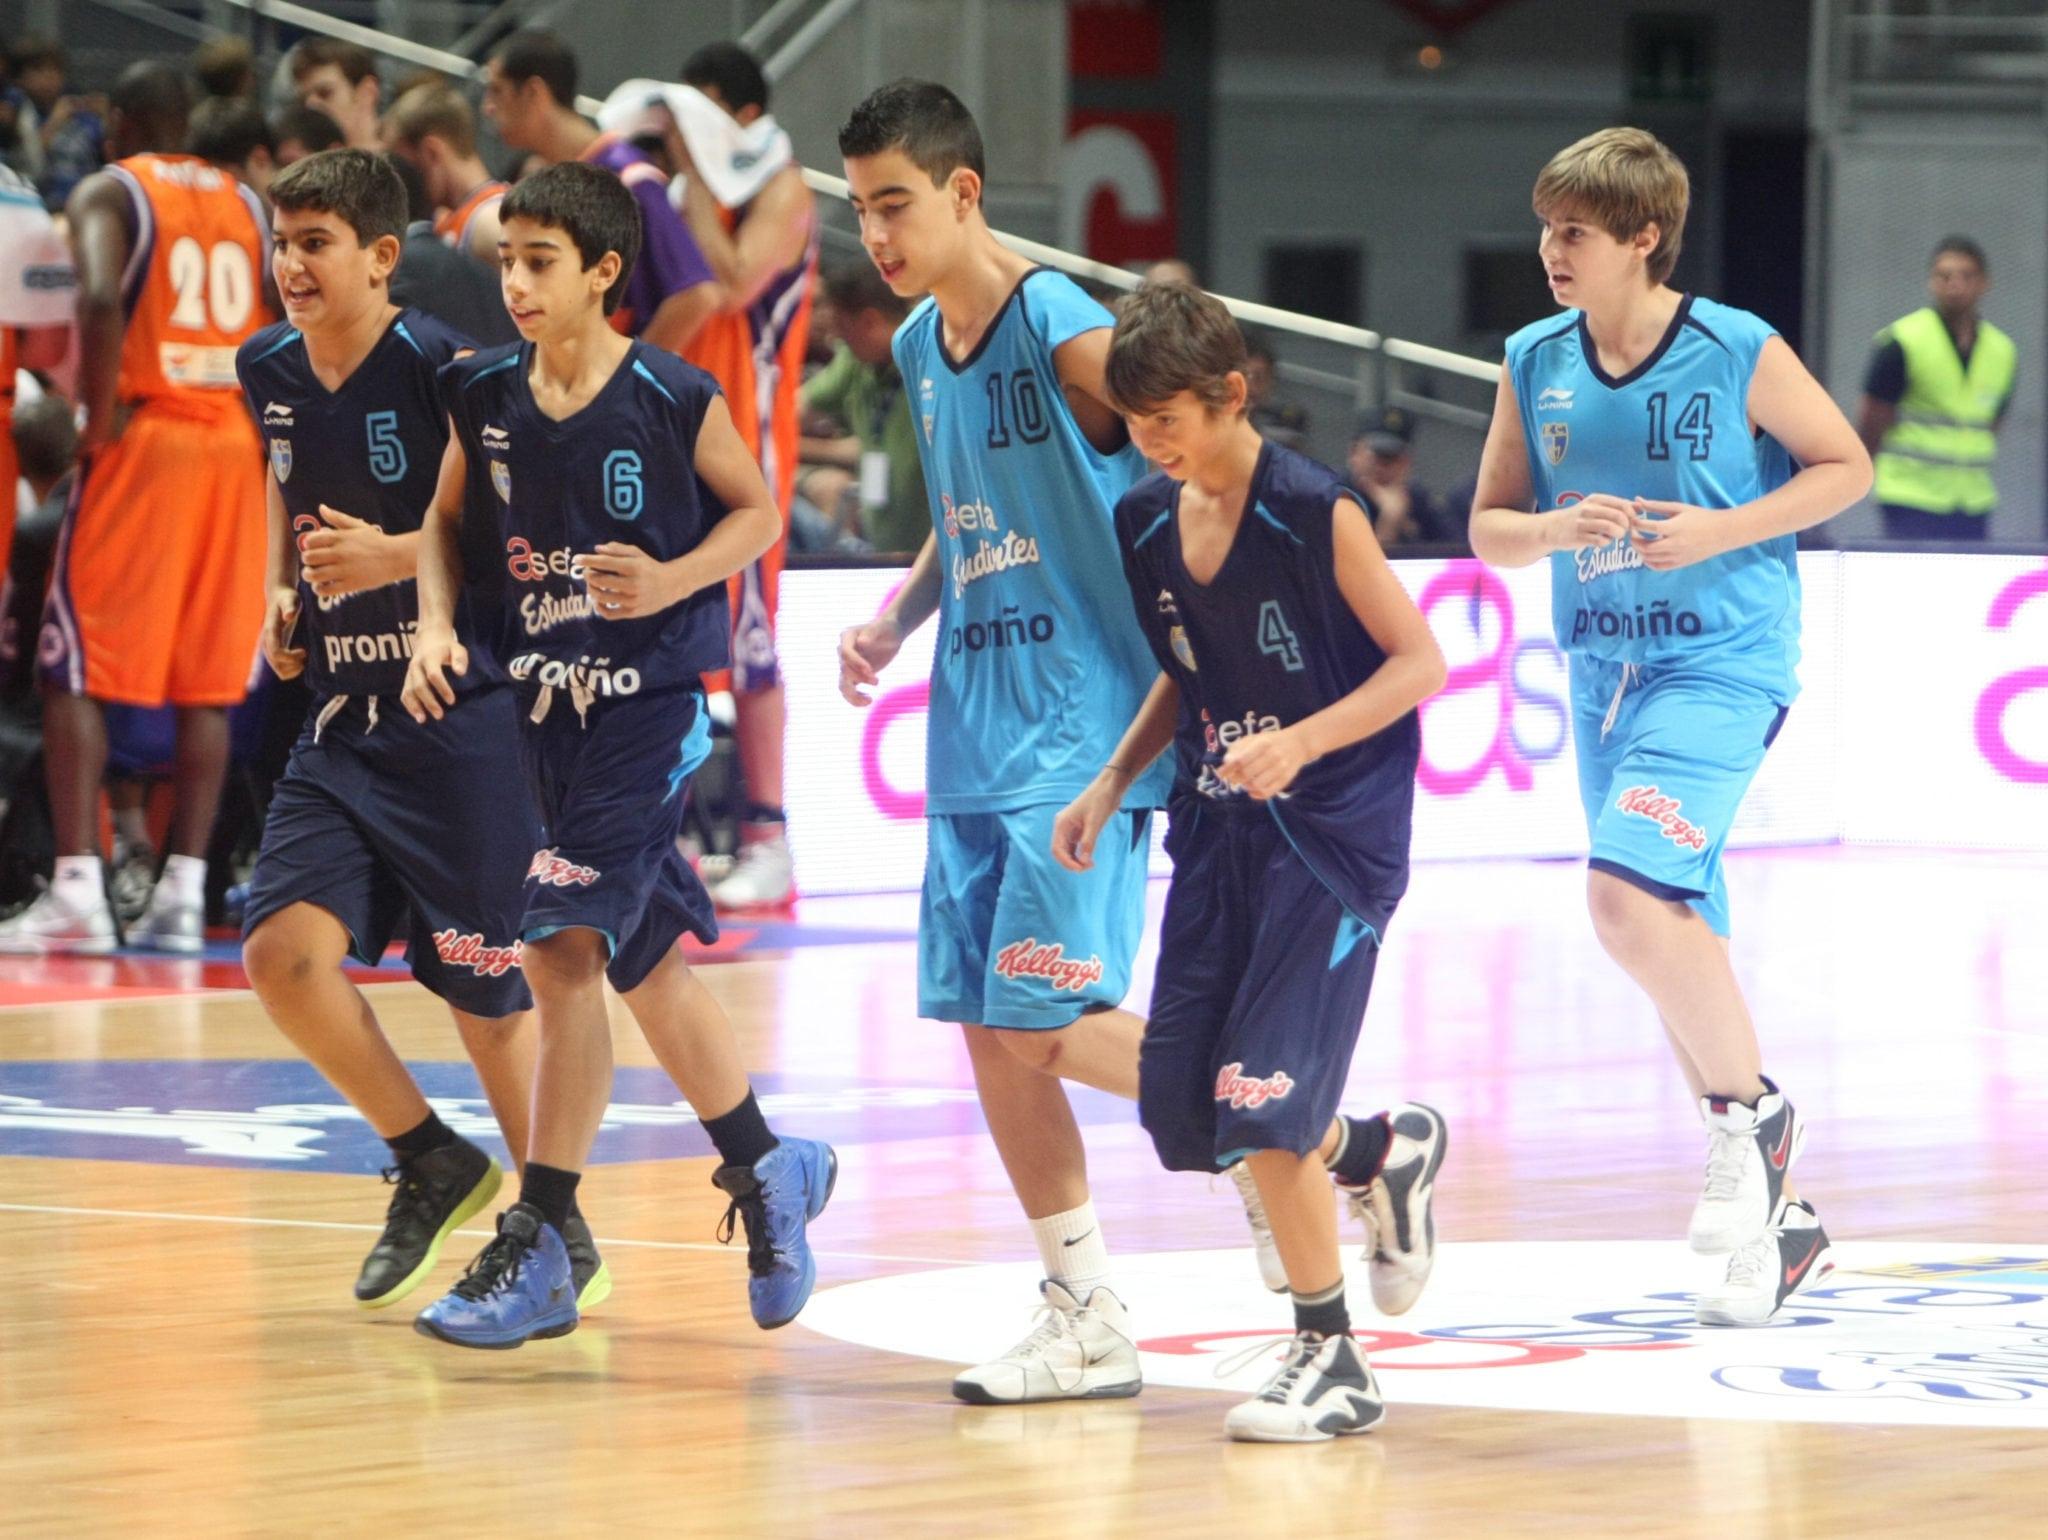 Horarios cantera (2-4 dic.): ¡Minibasket en el Magariños! y mucho más